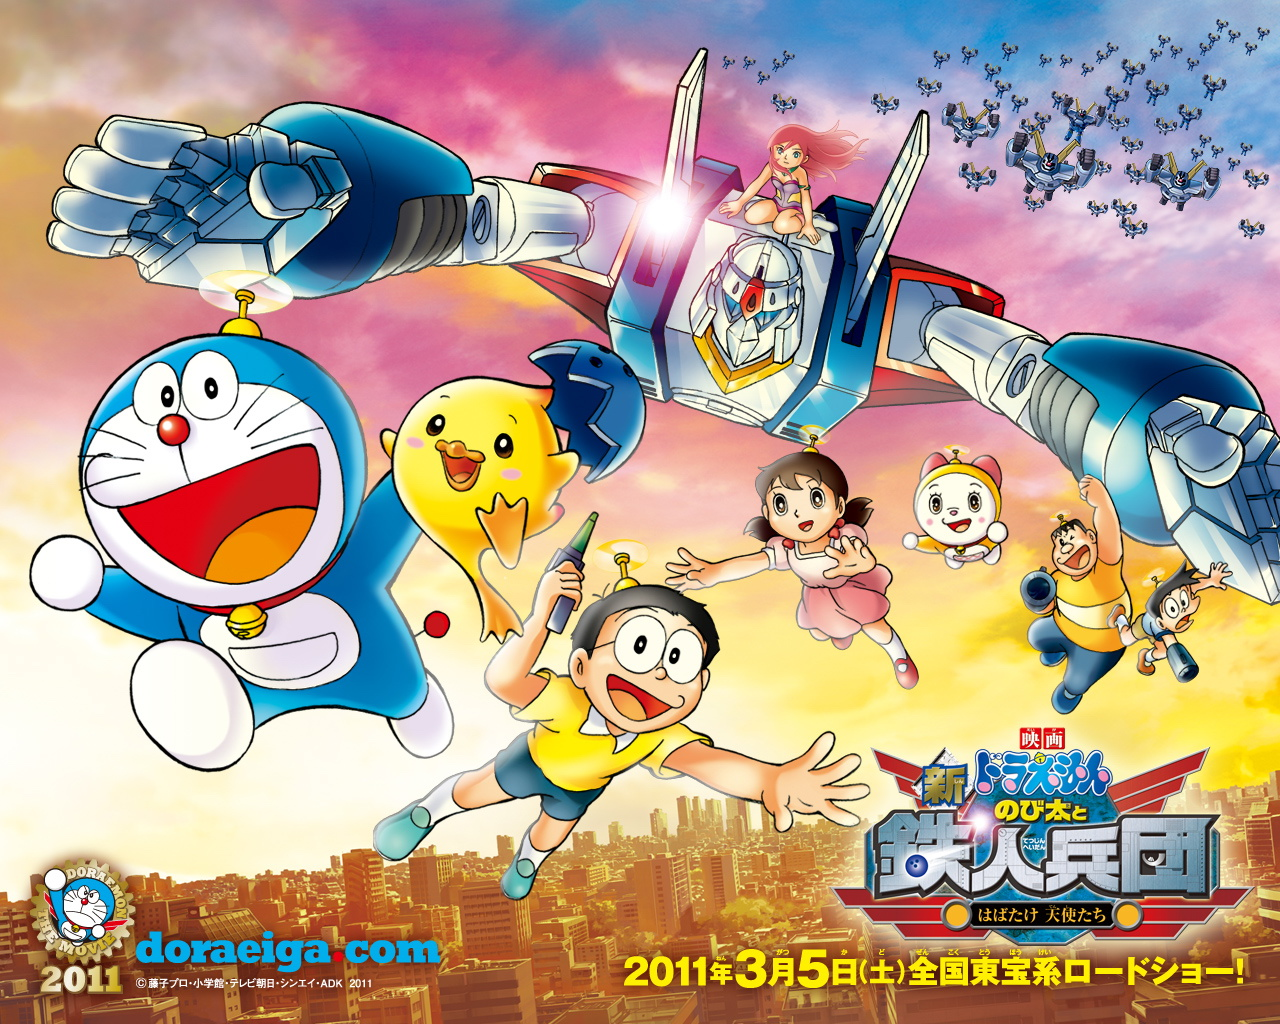 哆啦A梦:新大雄与铁人兵团 展翅孪翔吧!天使们(壁纸1)